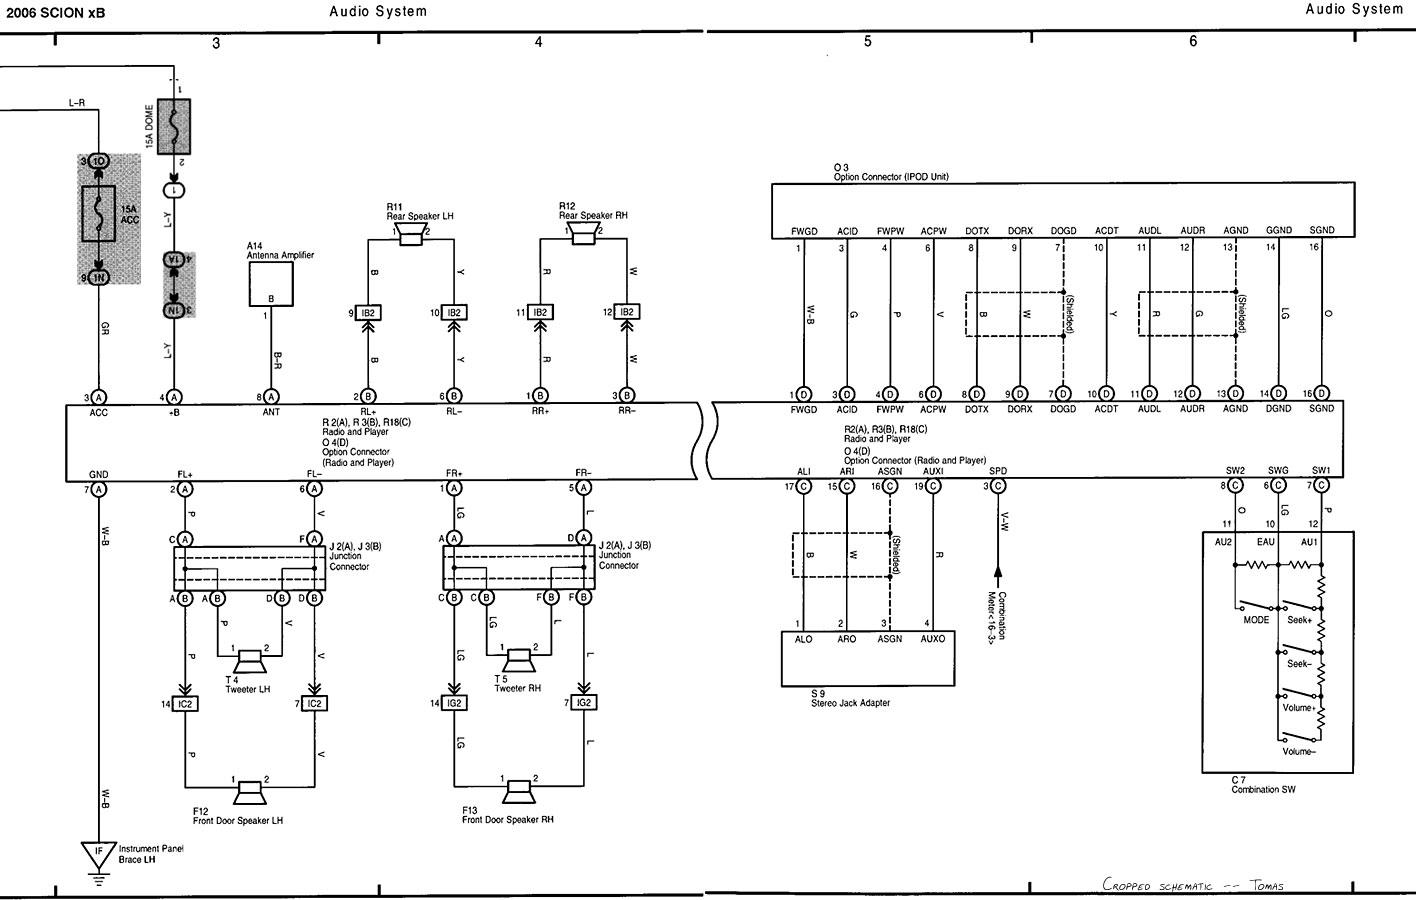 Nissan Pathfinder Wiring Diagram Free Download Image Wiring Diagram